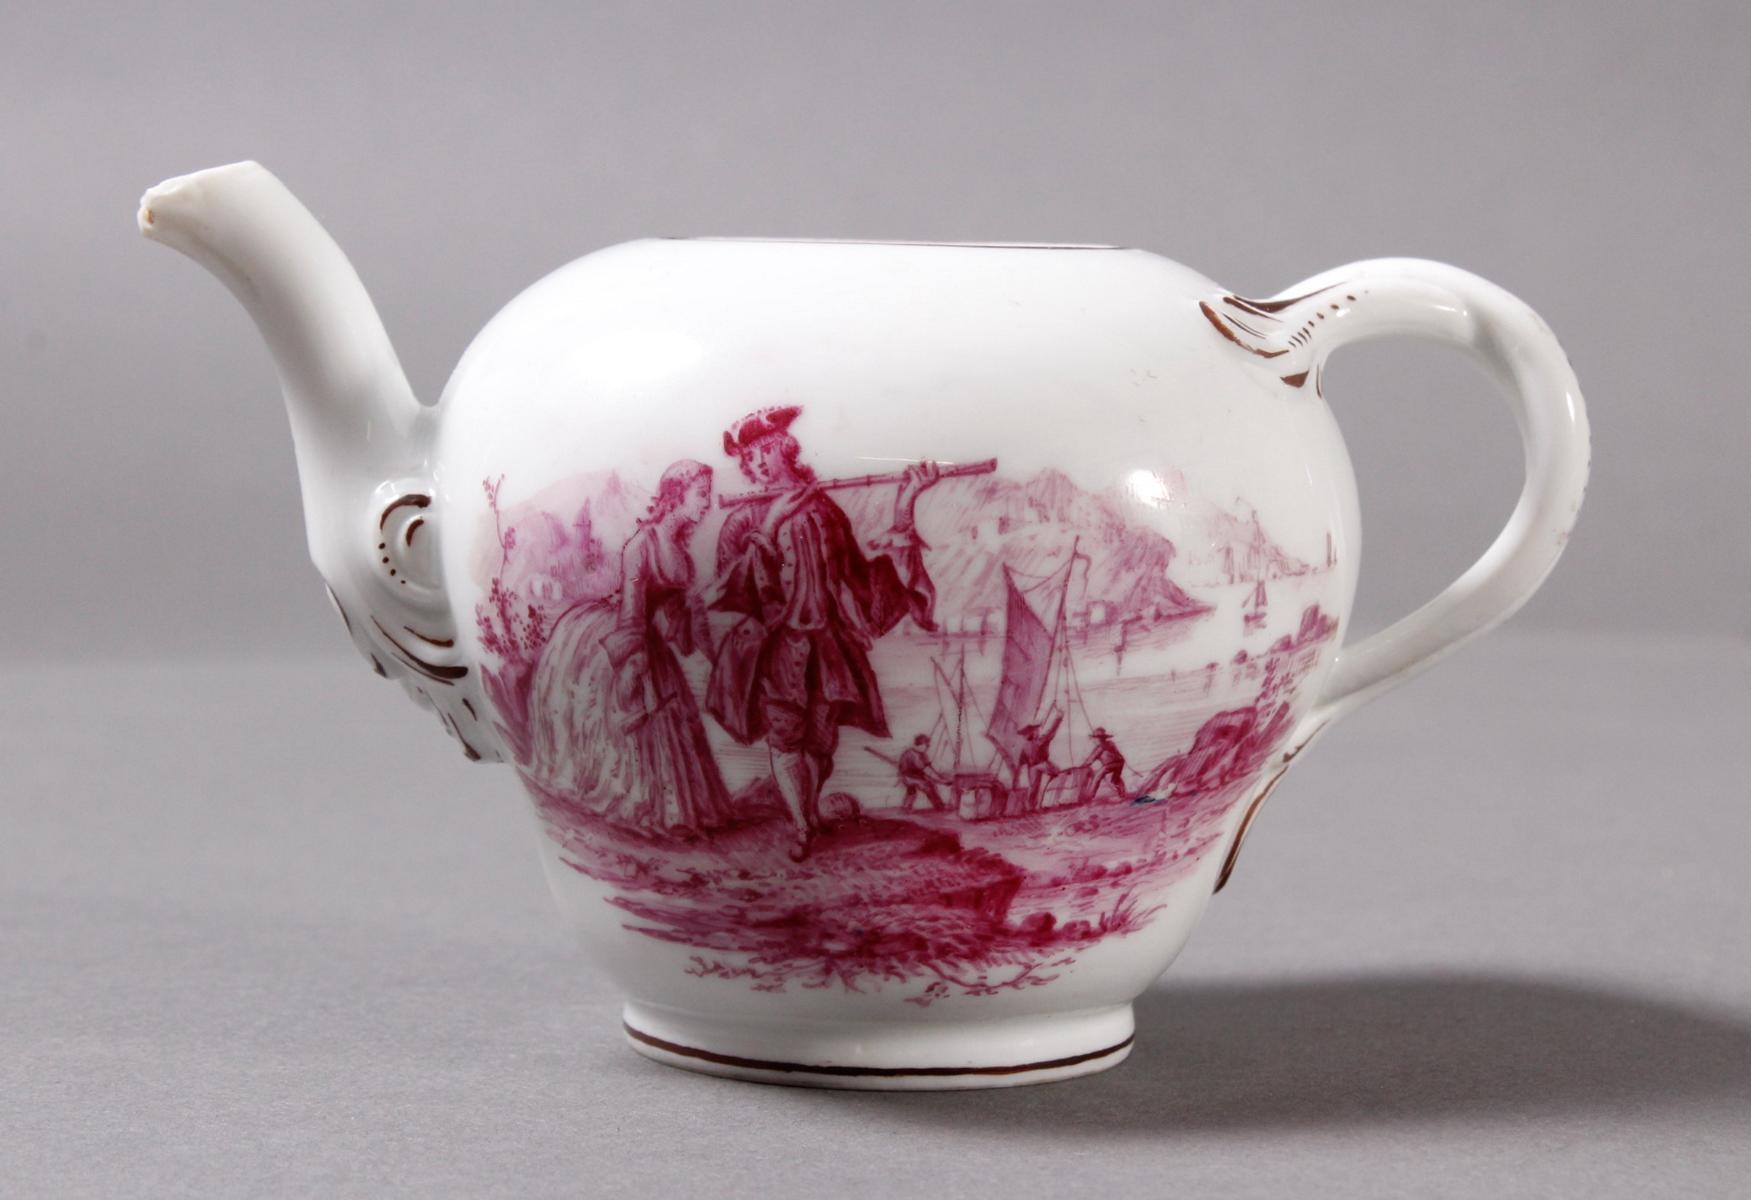 Kleines Meissen Porzellan Teekännchen um 1800-2